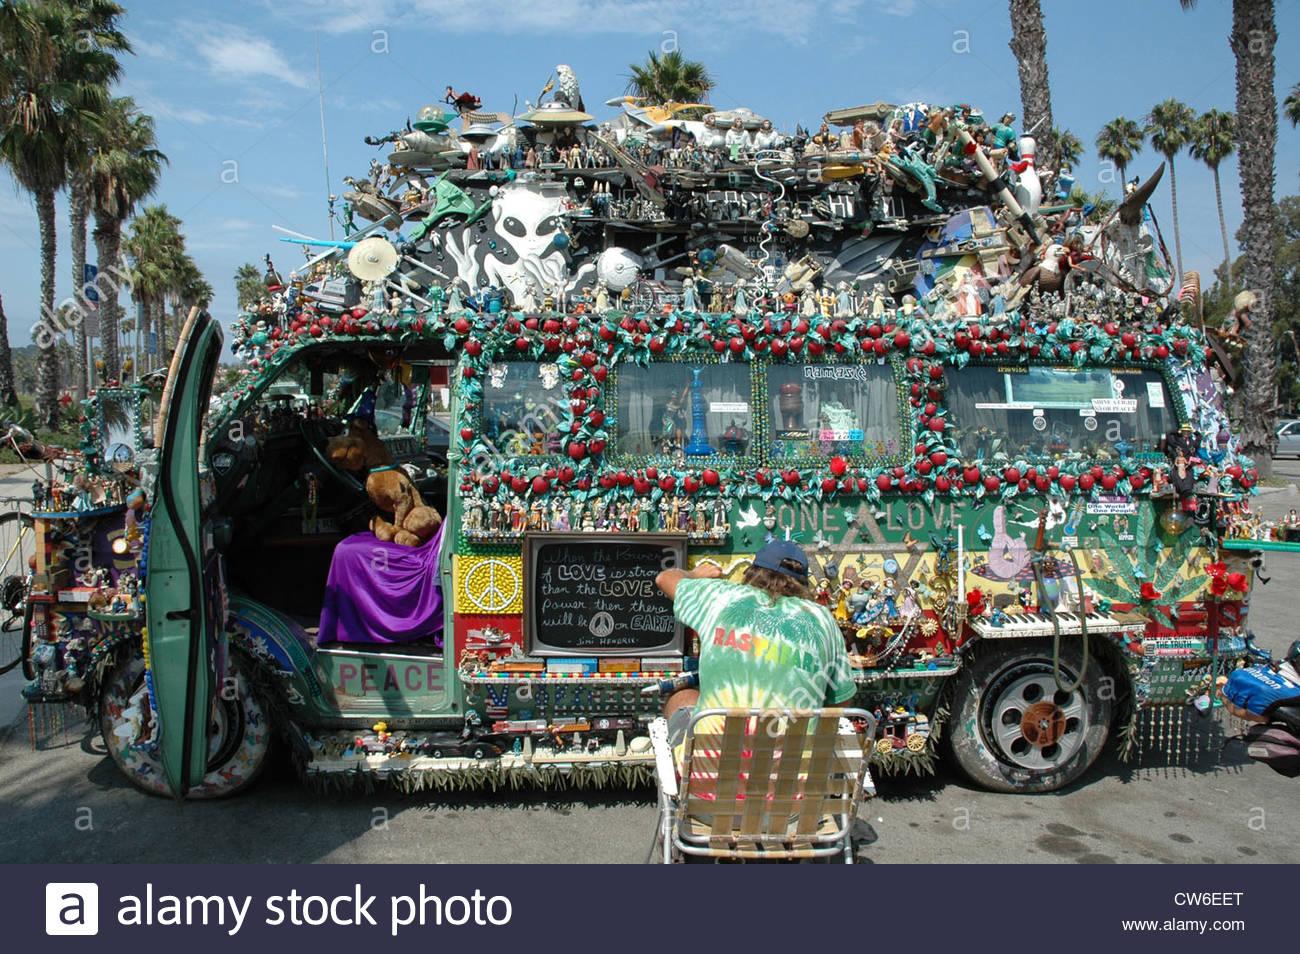 Hippie Buses Hippie Bus At The Beach Of Santa Barbara Usa California Stock